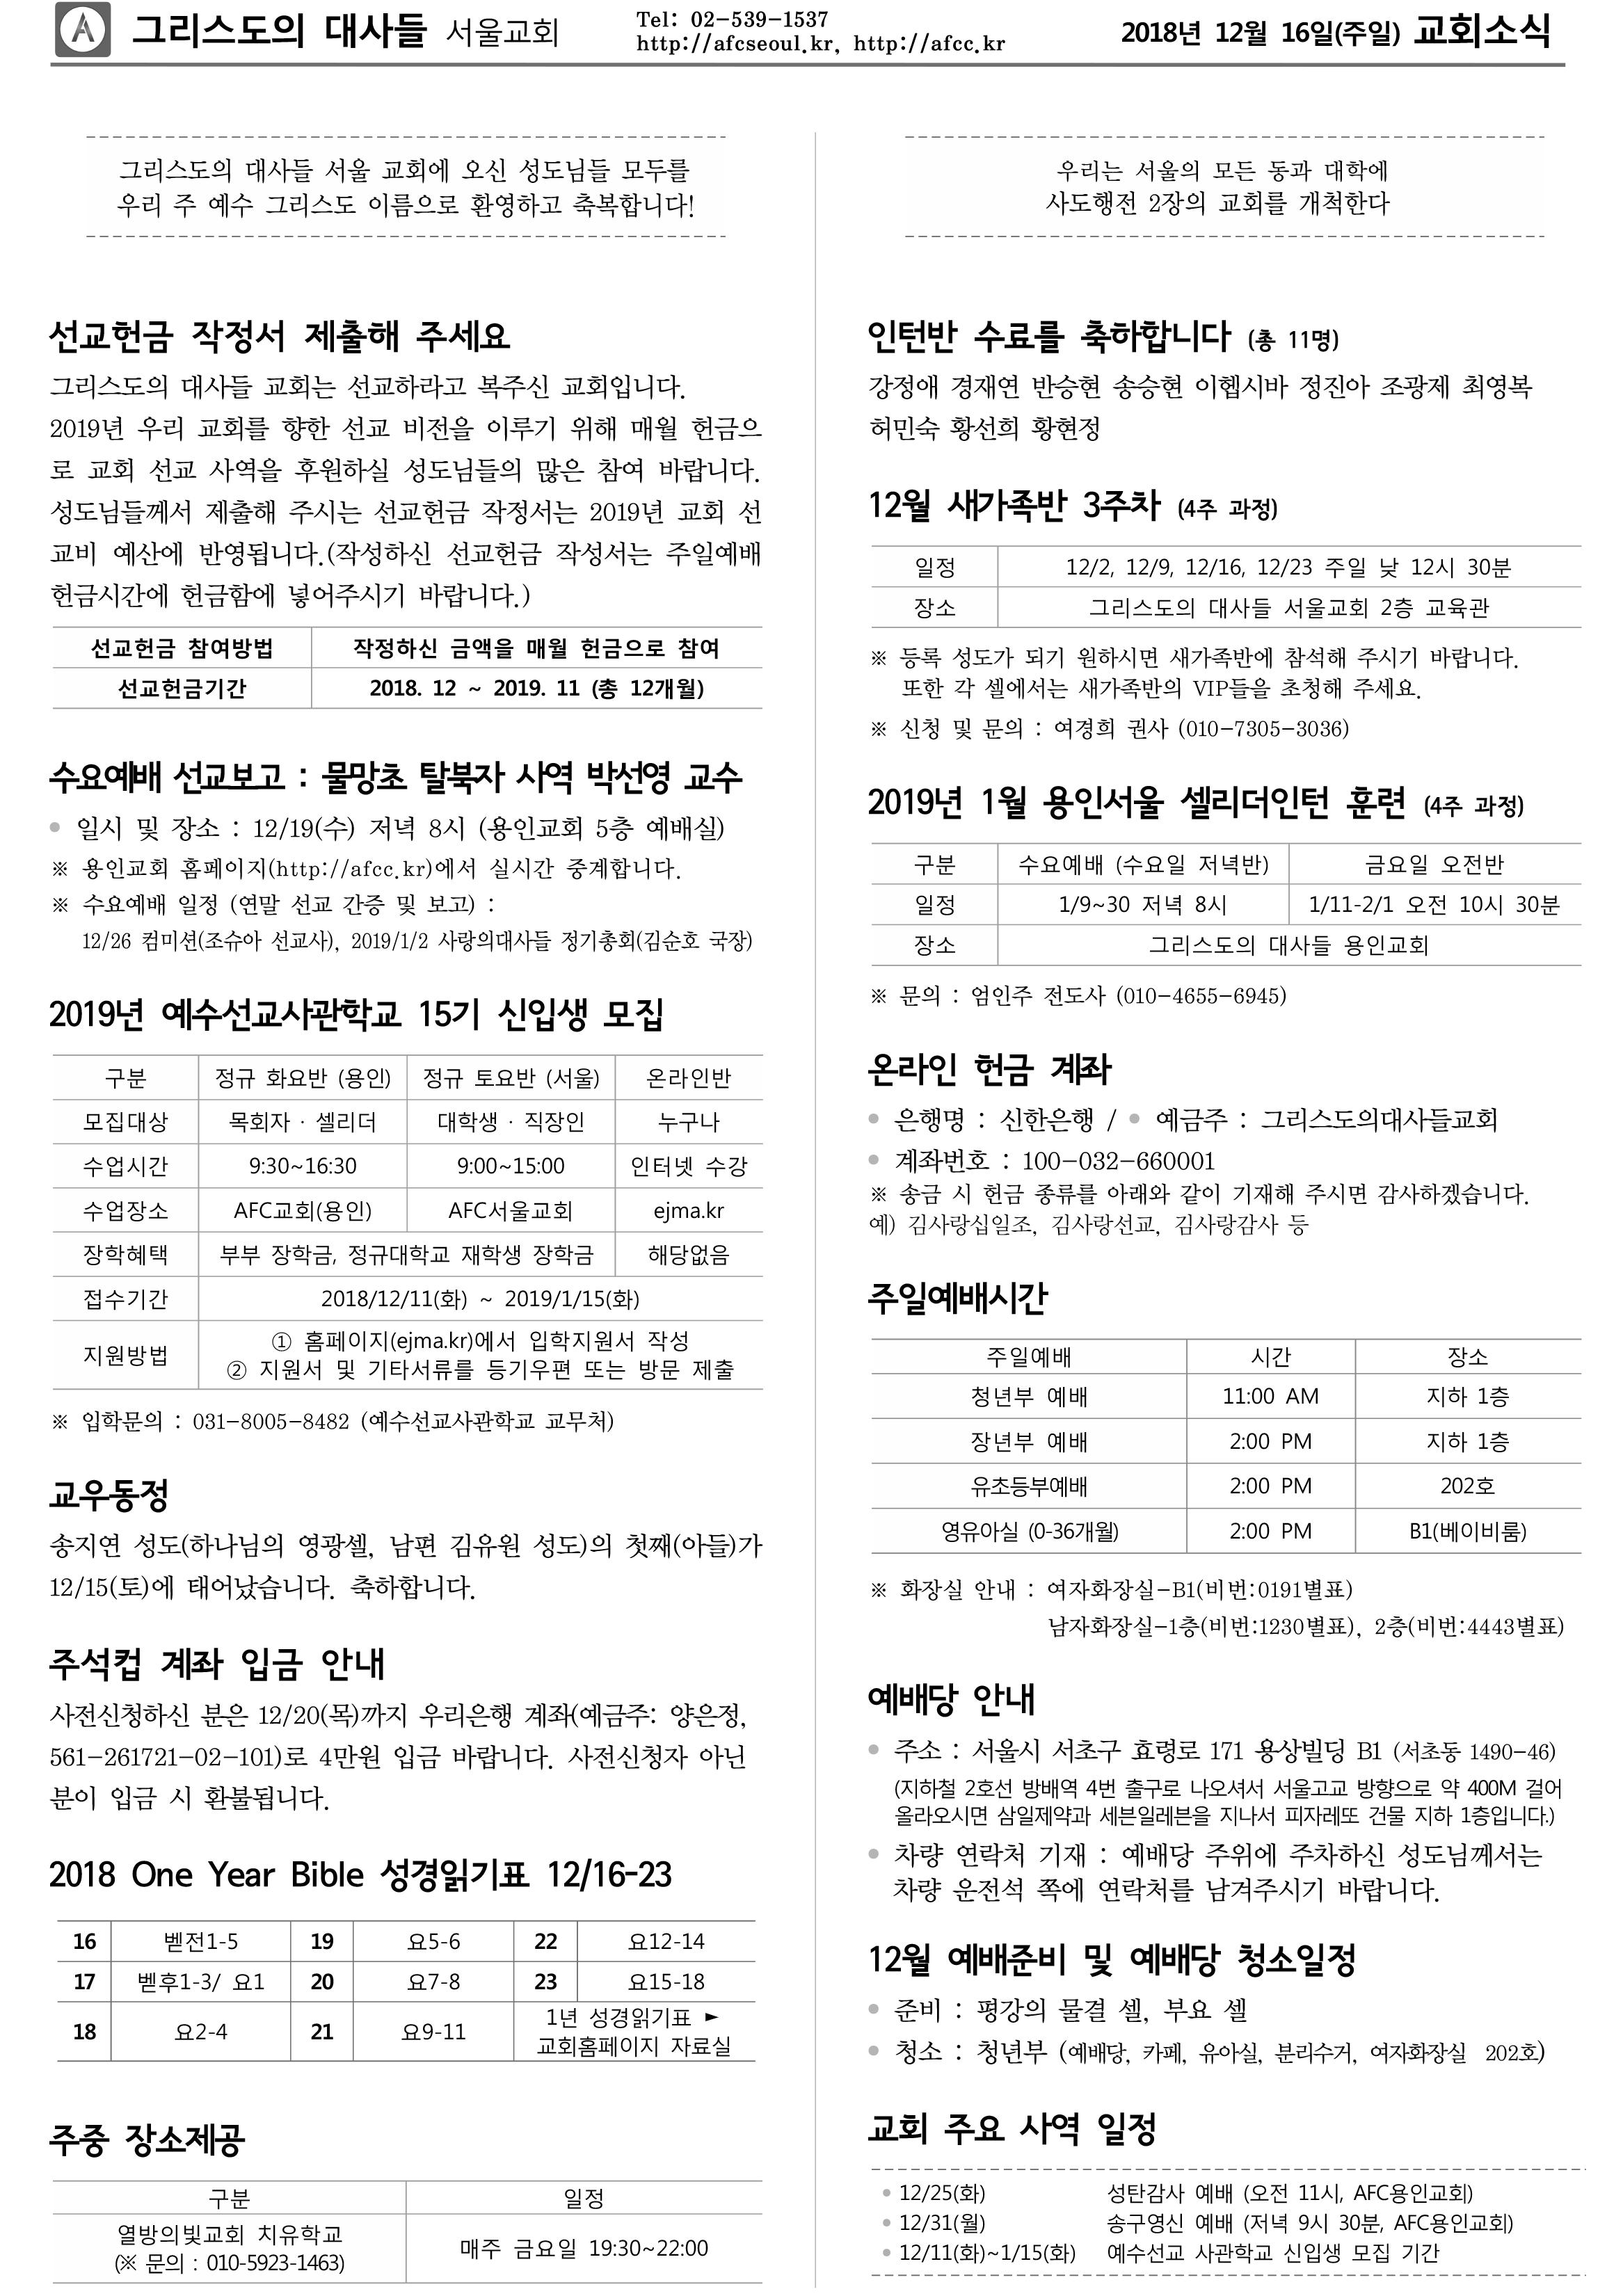 20181216-seoul-02